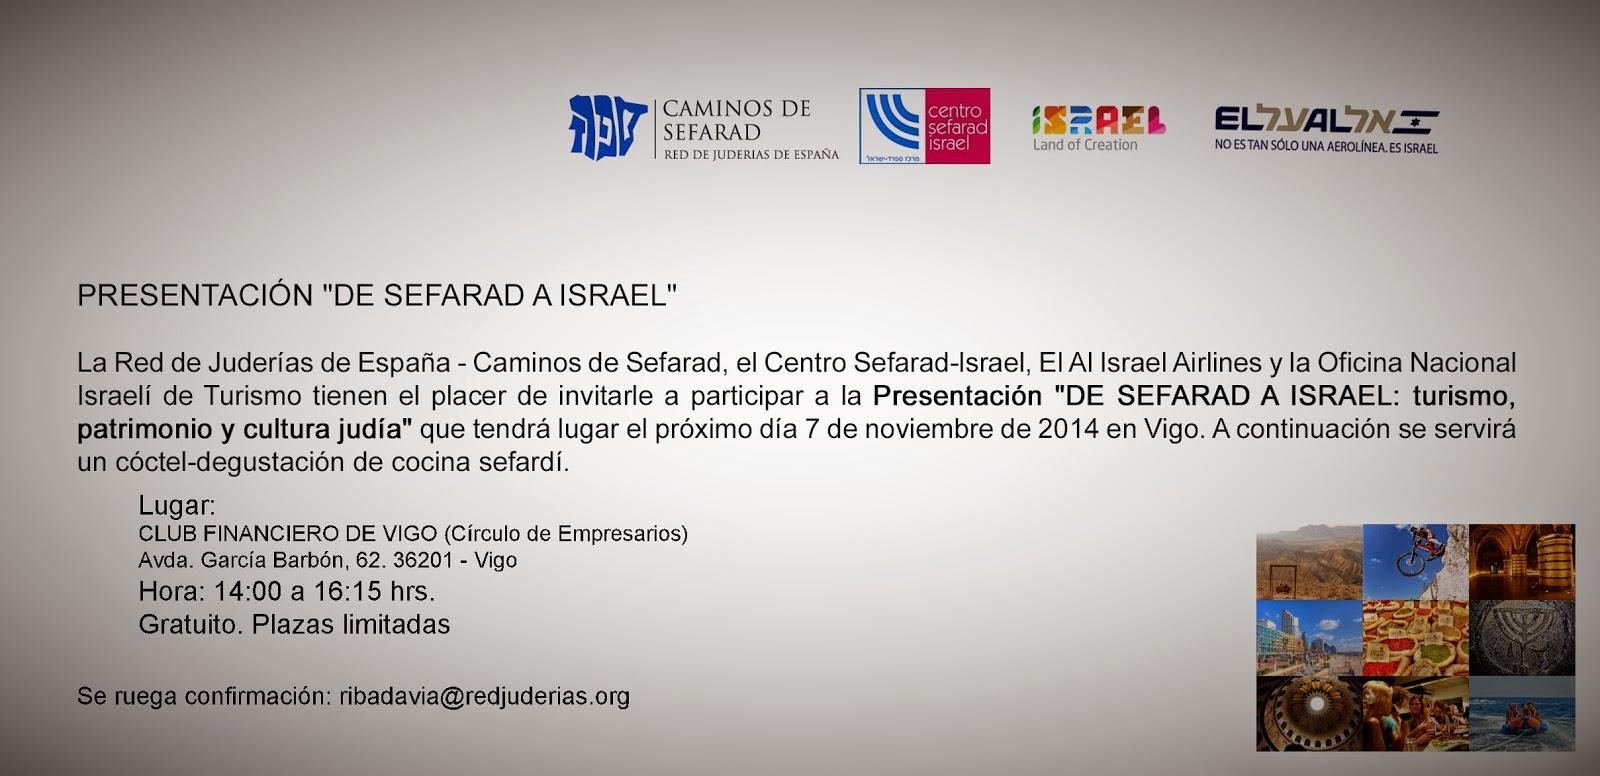 Asociaci n galega de amizade con israel turismo de israel for Oficina turismo vigo